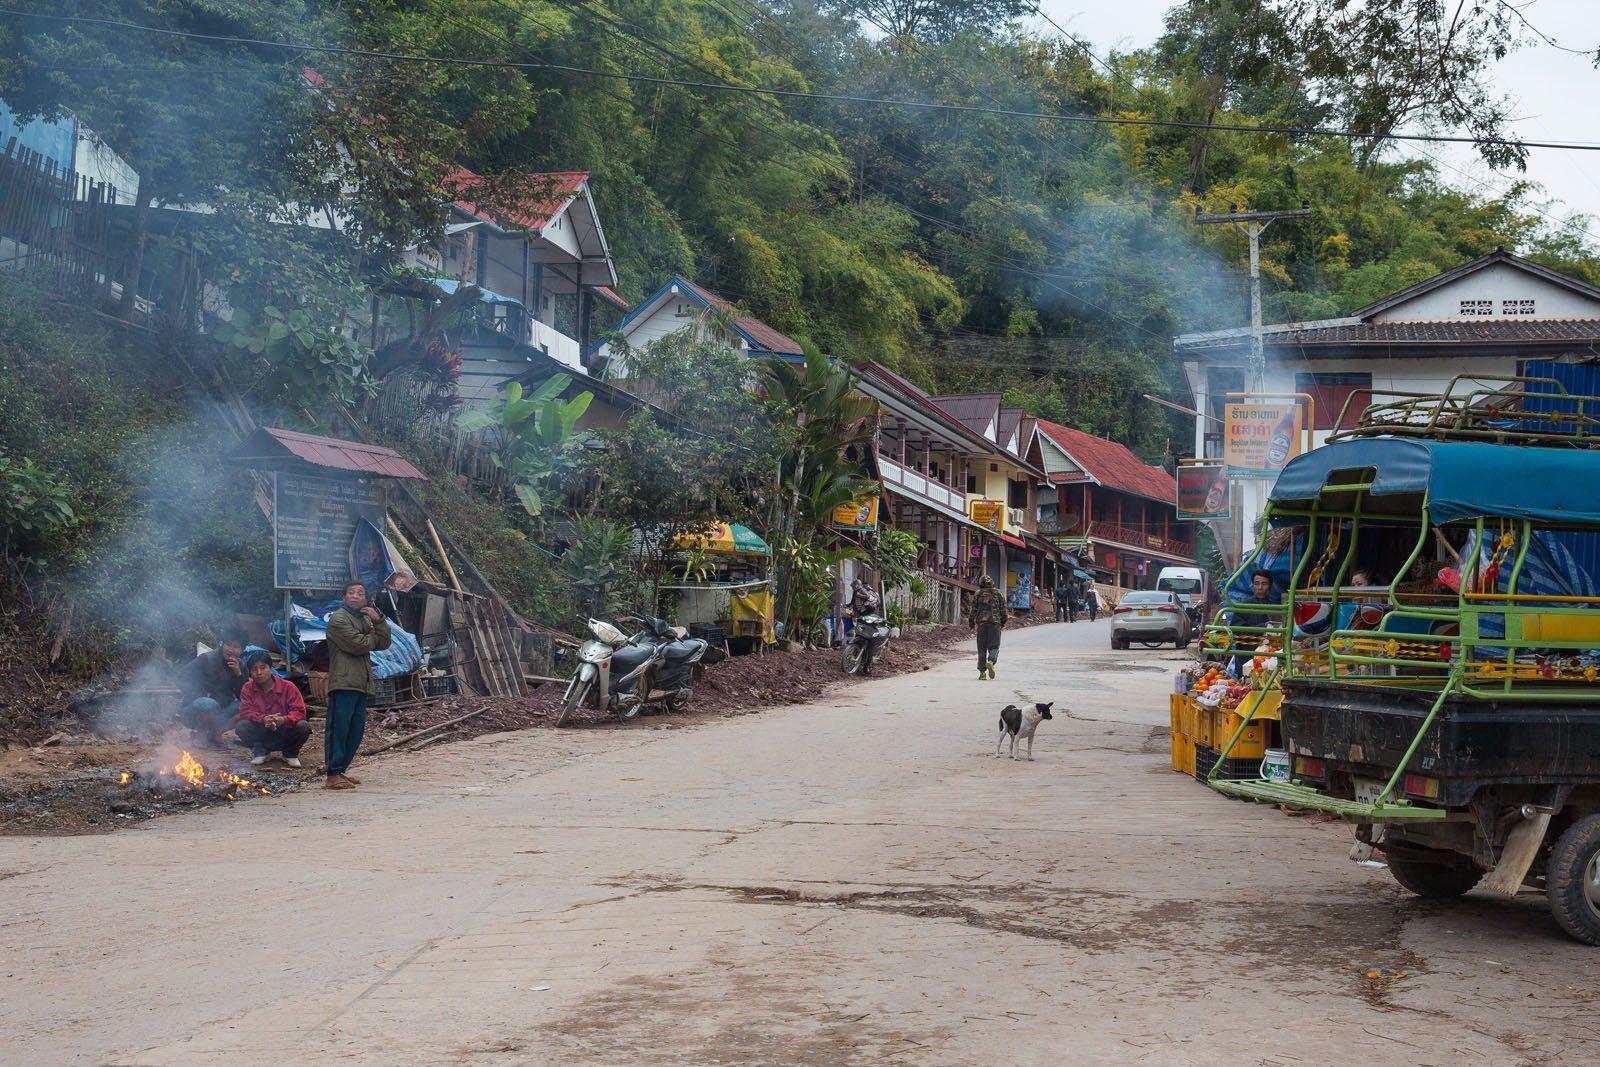 Pakbeng Street